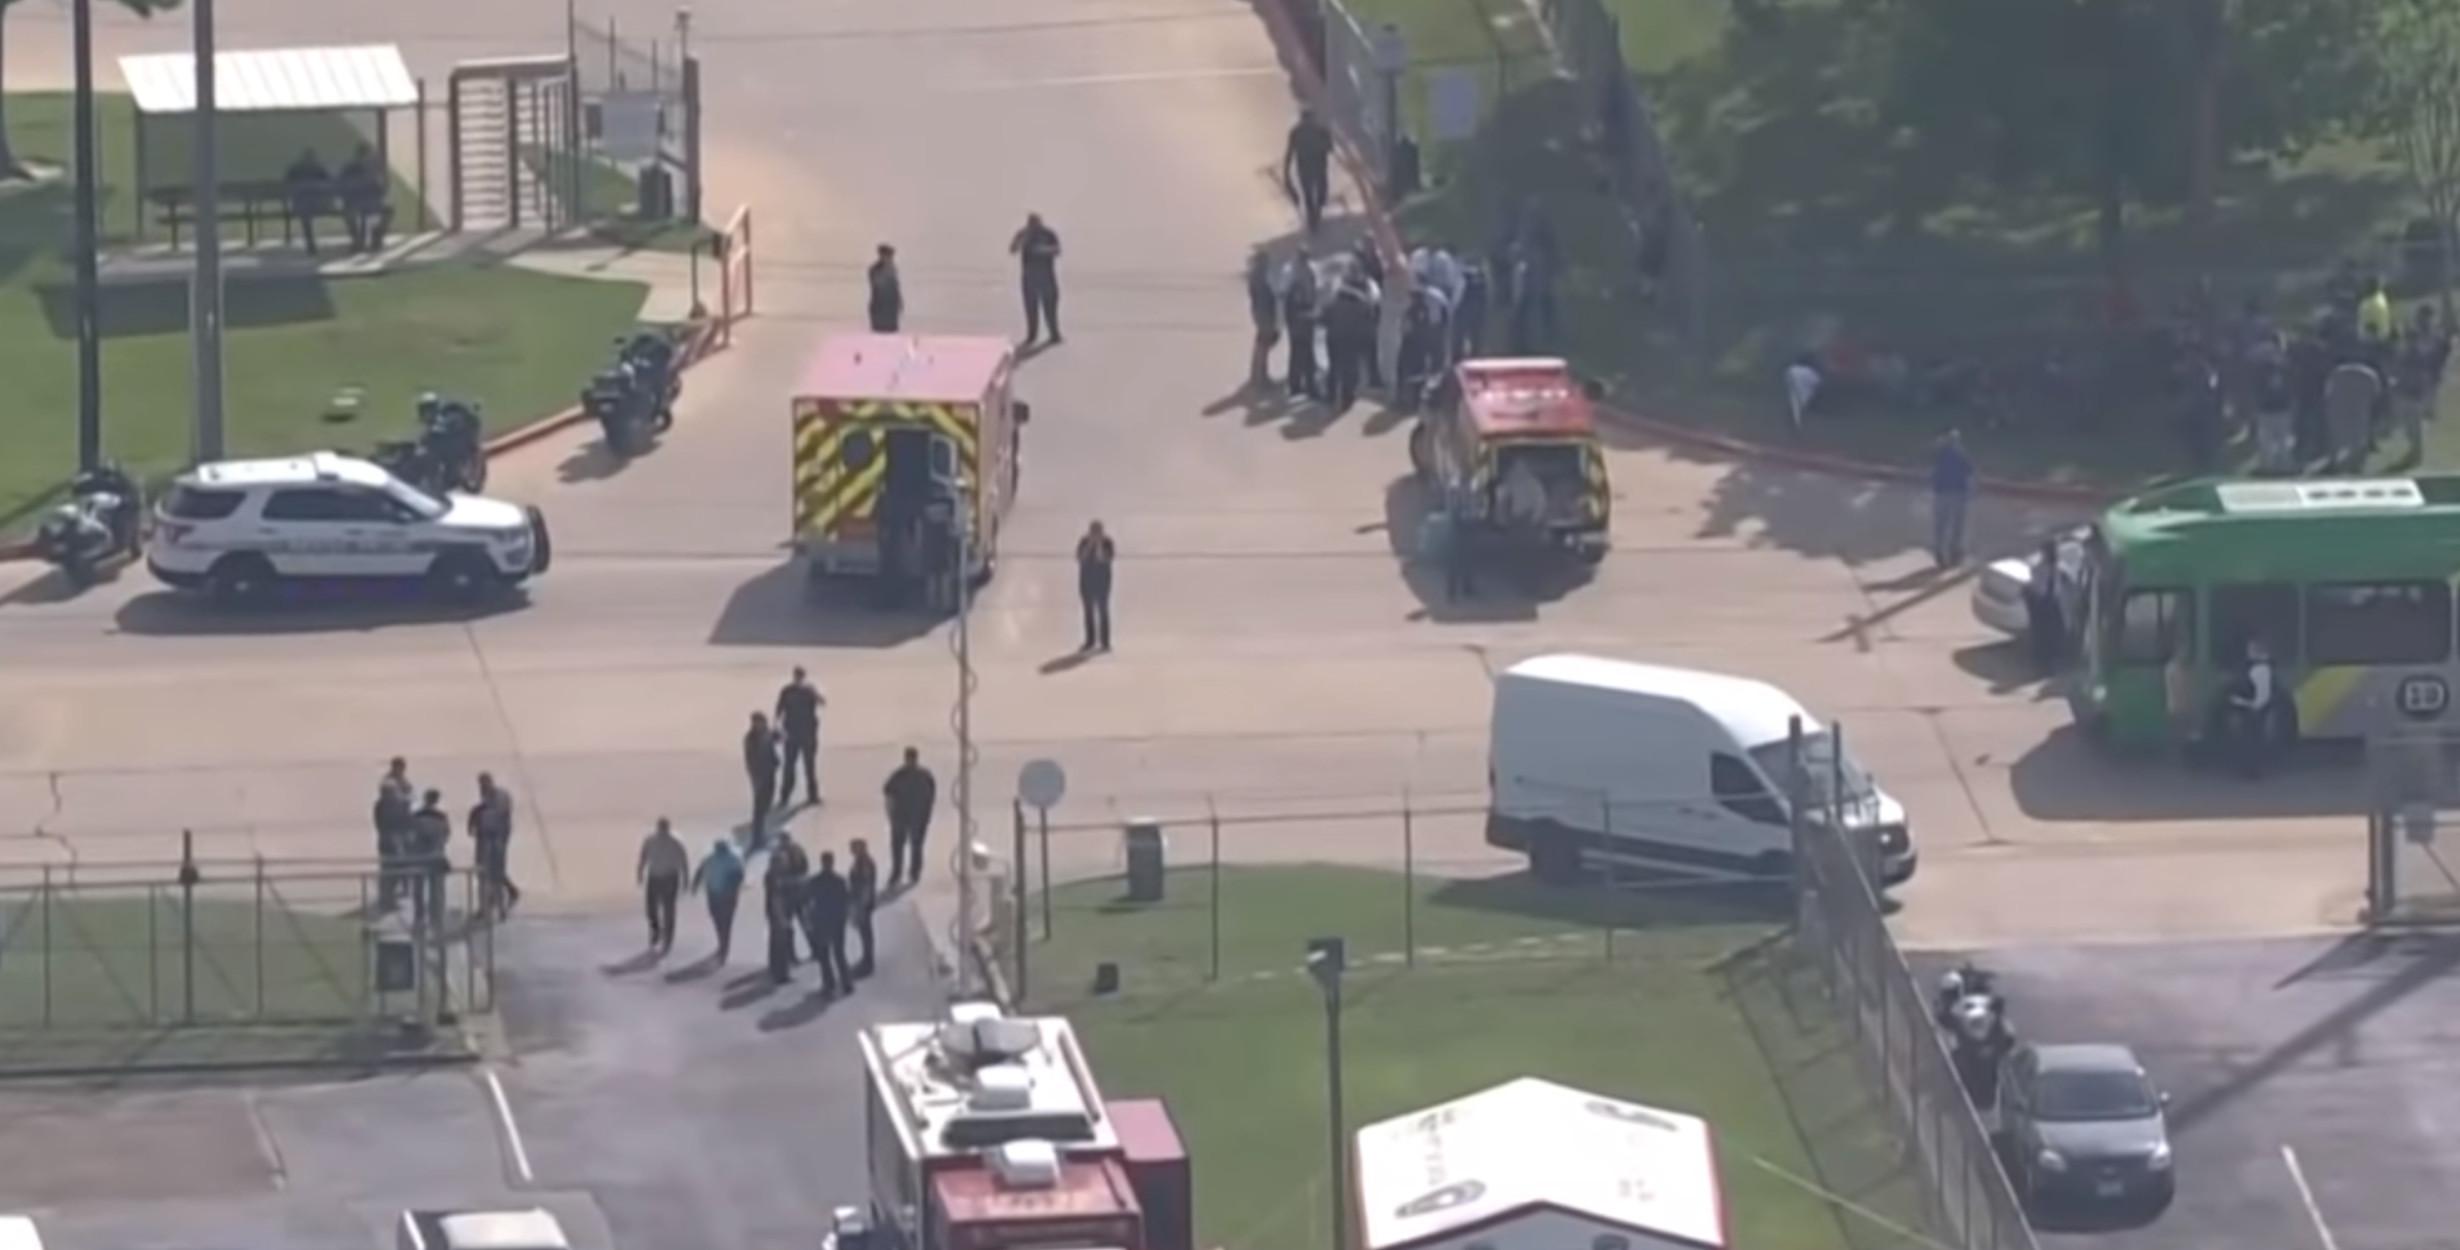 Τέξας: Ένας νεκρός και 5 τραυματίες από τους πυροβολισμούς σε εταιρεία επίπλων (video)